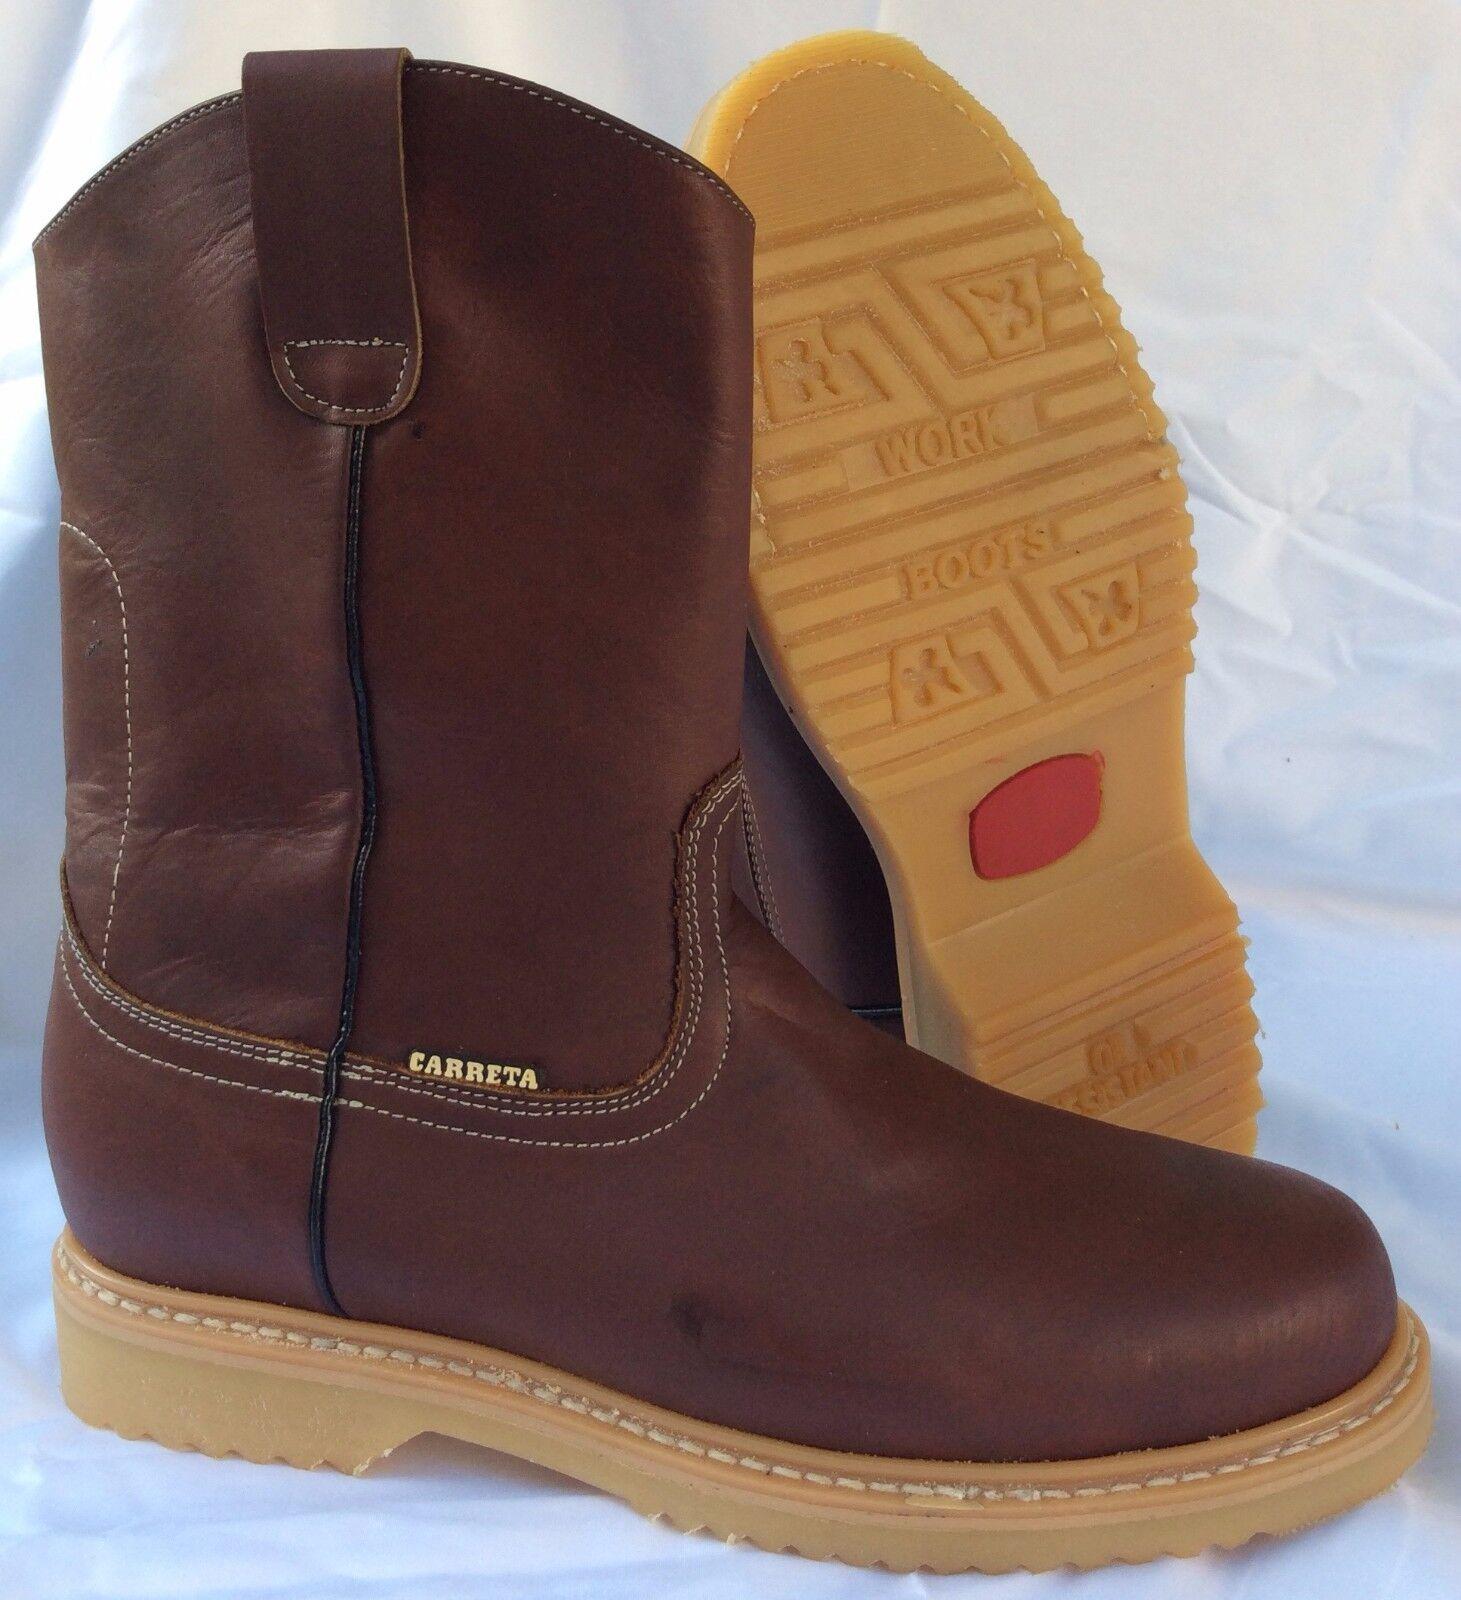 70576f55b6 Uomini piu 'gli stivali da lavoro in pelle marrone - bota trabajo ...